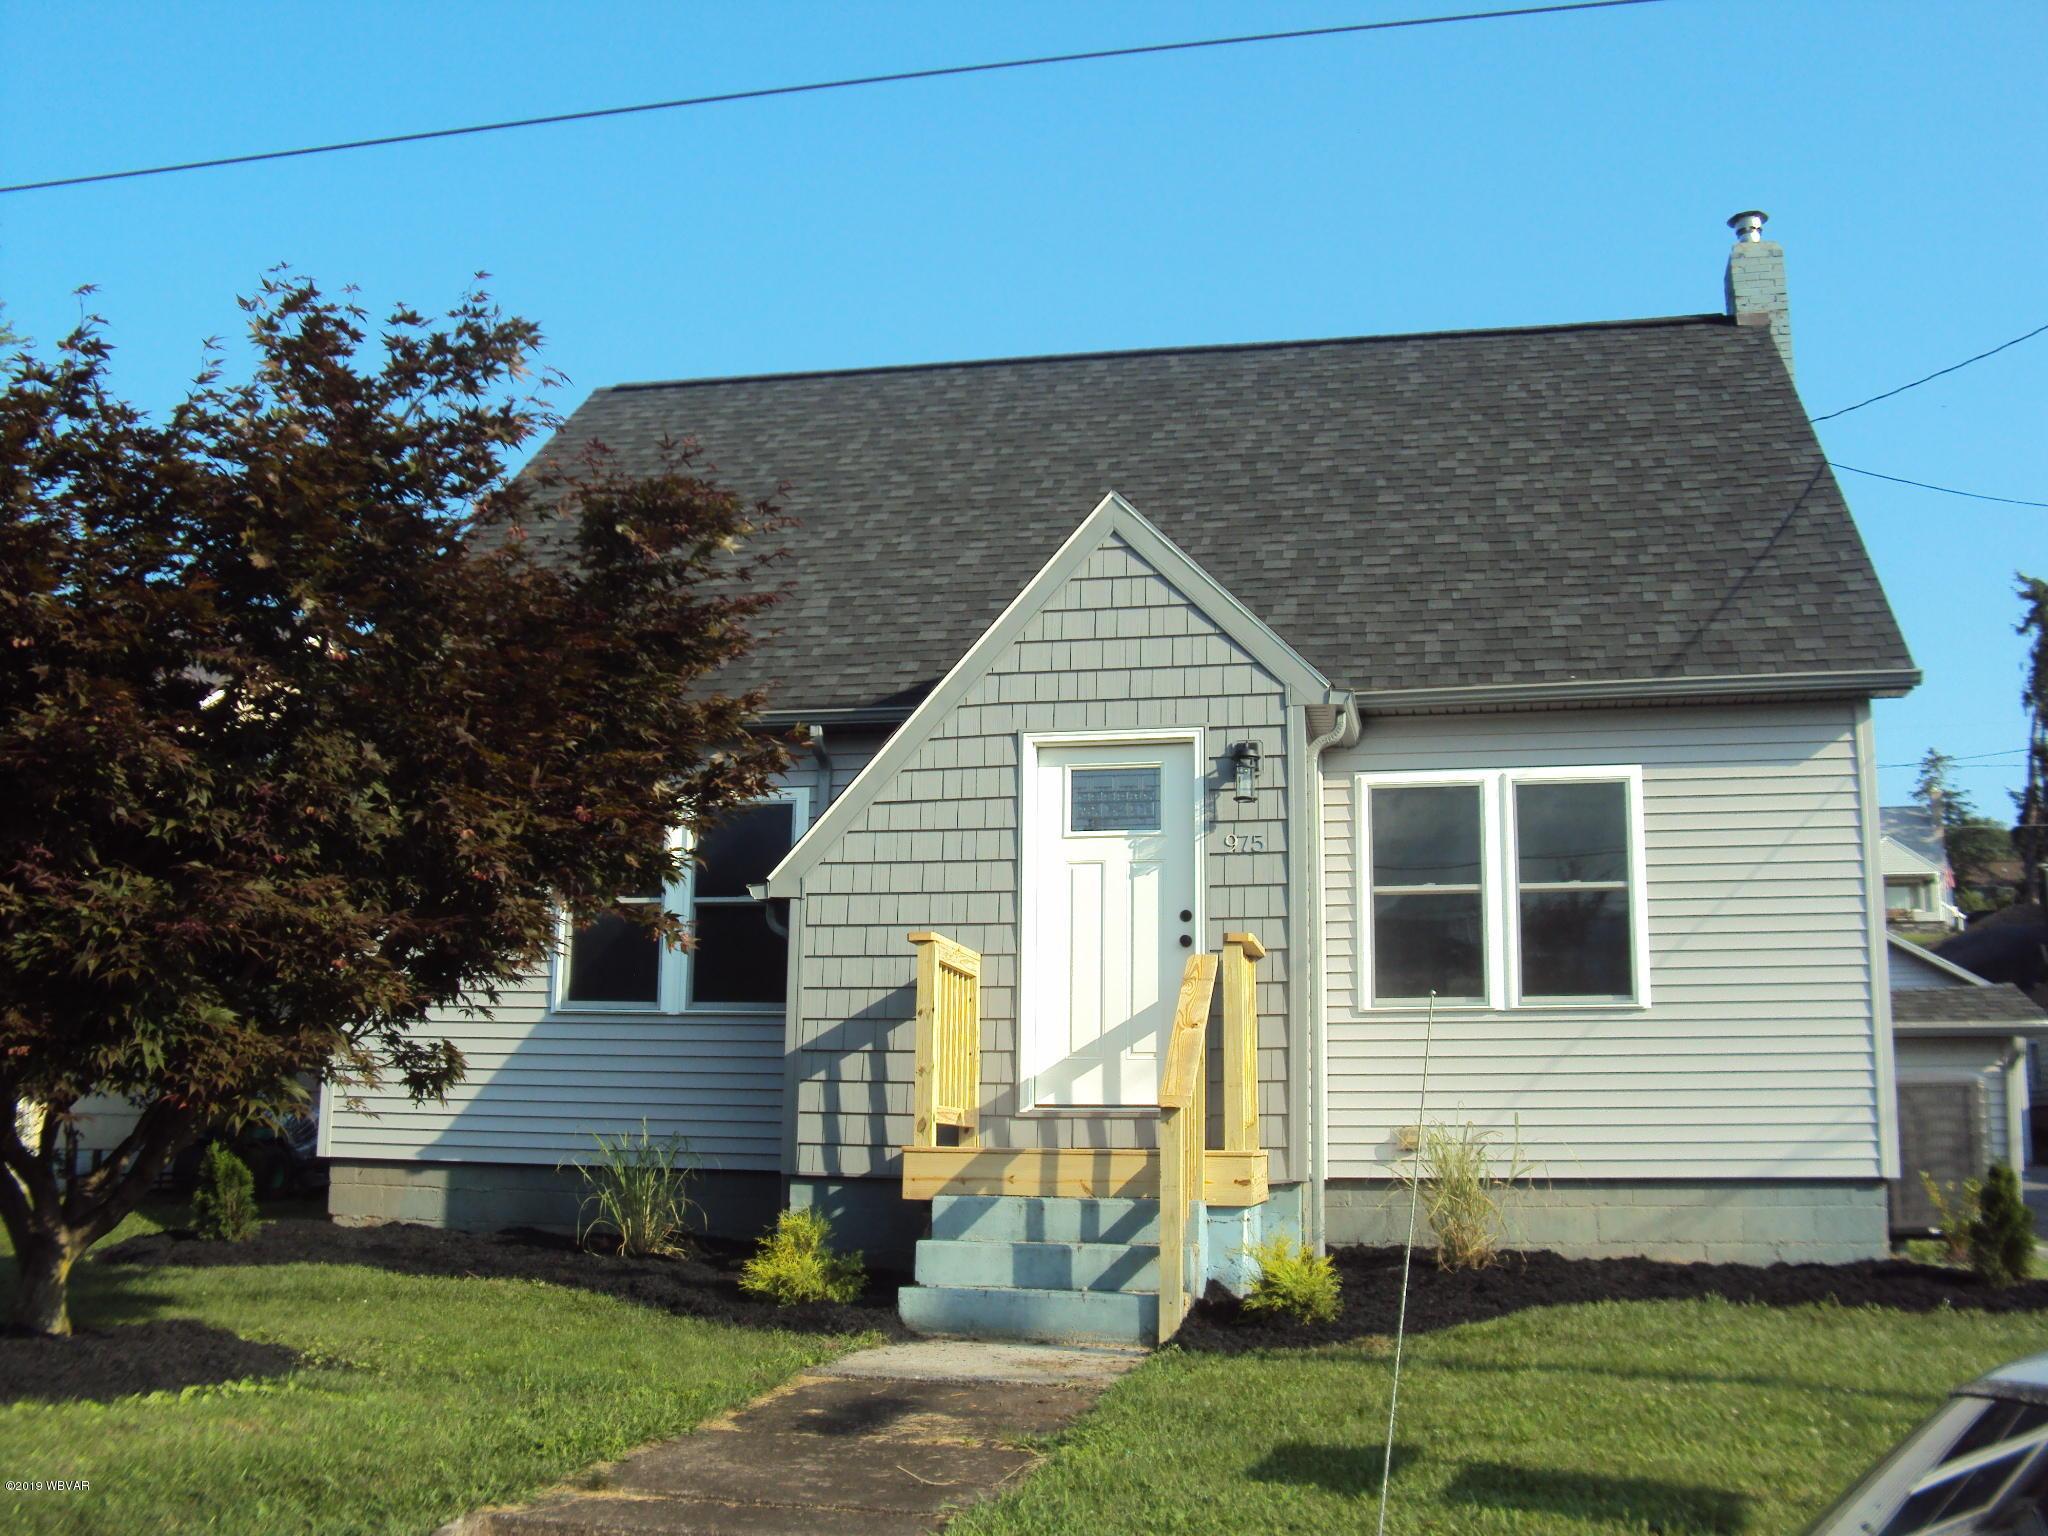 975 3RD STREET,Lock Haven,PA 17745,3 Bedrooms Bedrooms,2 BathroomsBathrooms,Residential,3RD,WB-88010